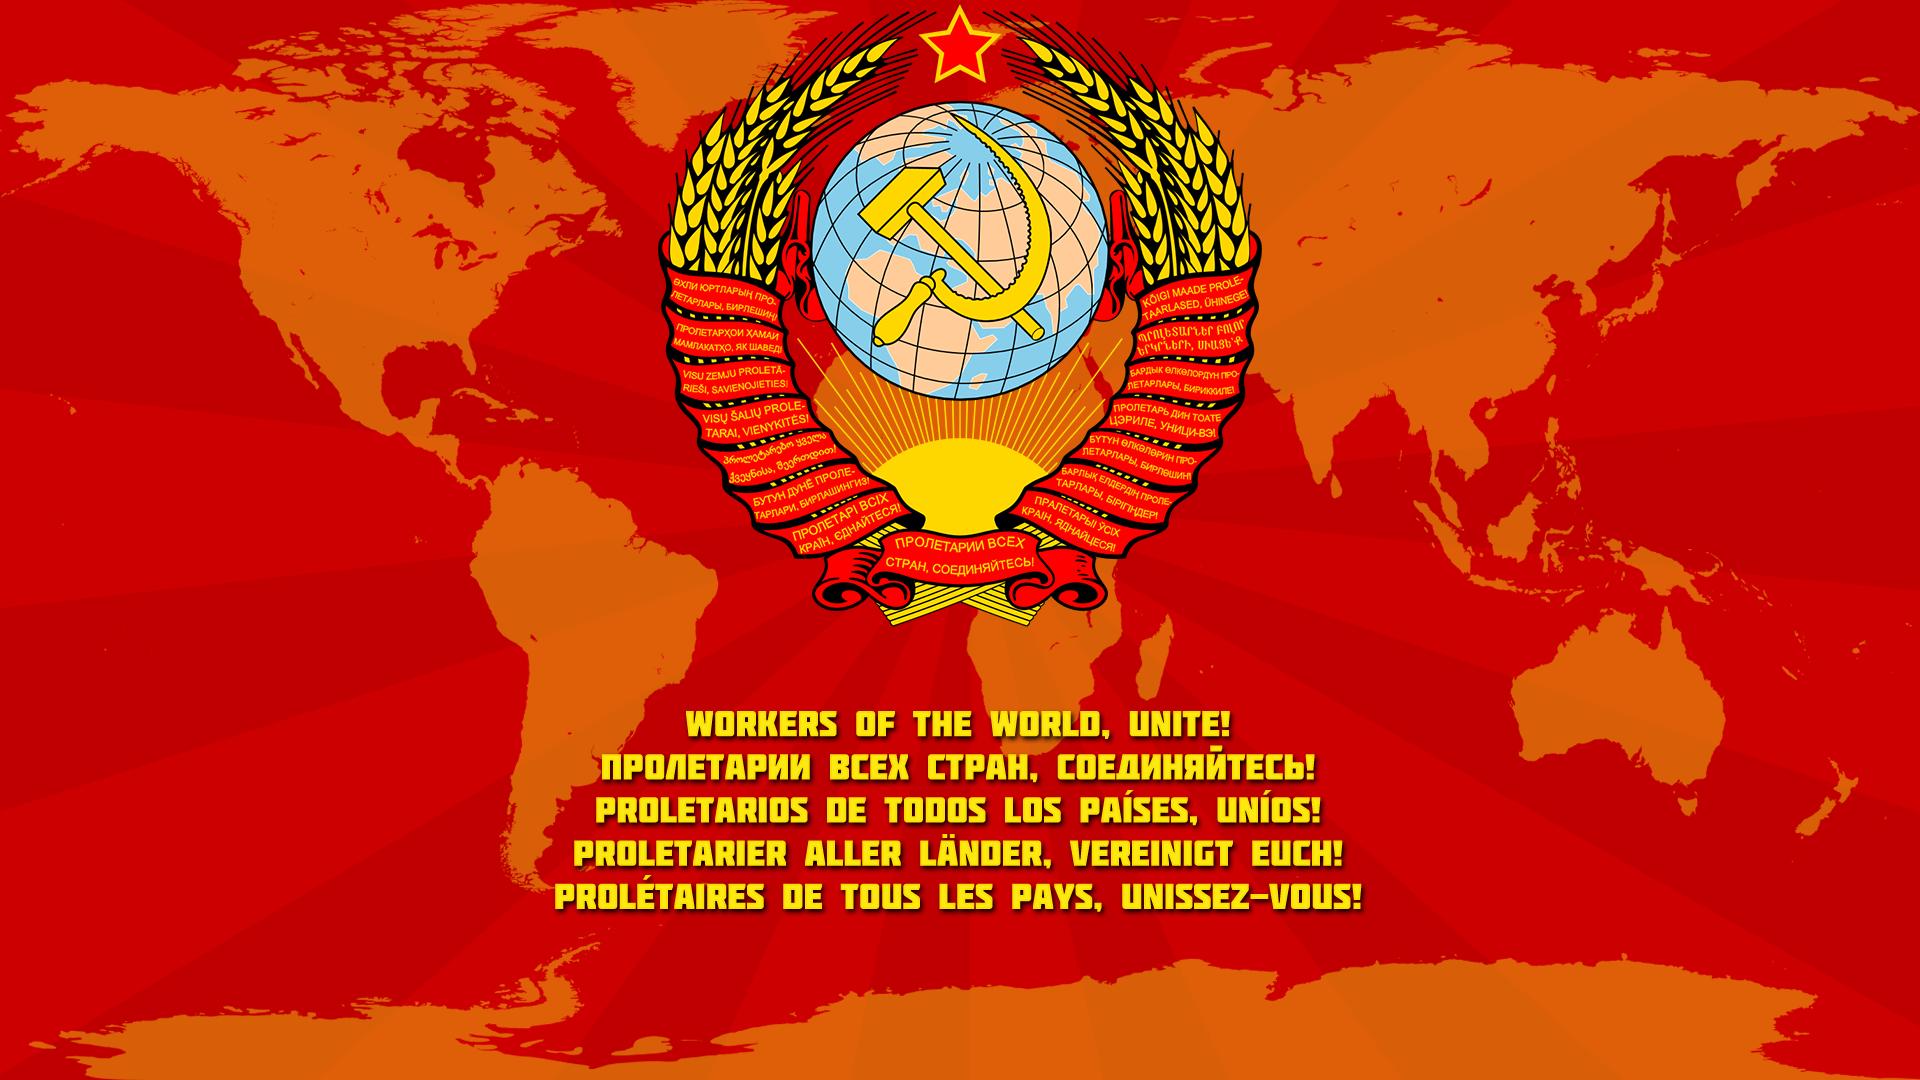 Was Lenin a Socialist Vladimir Lenin Socialism Unlike Marx Lenin 1920x1080